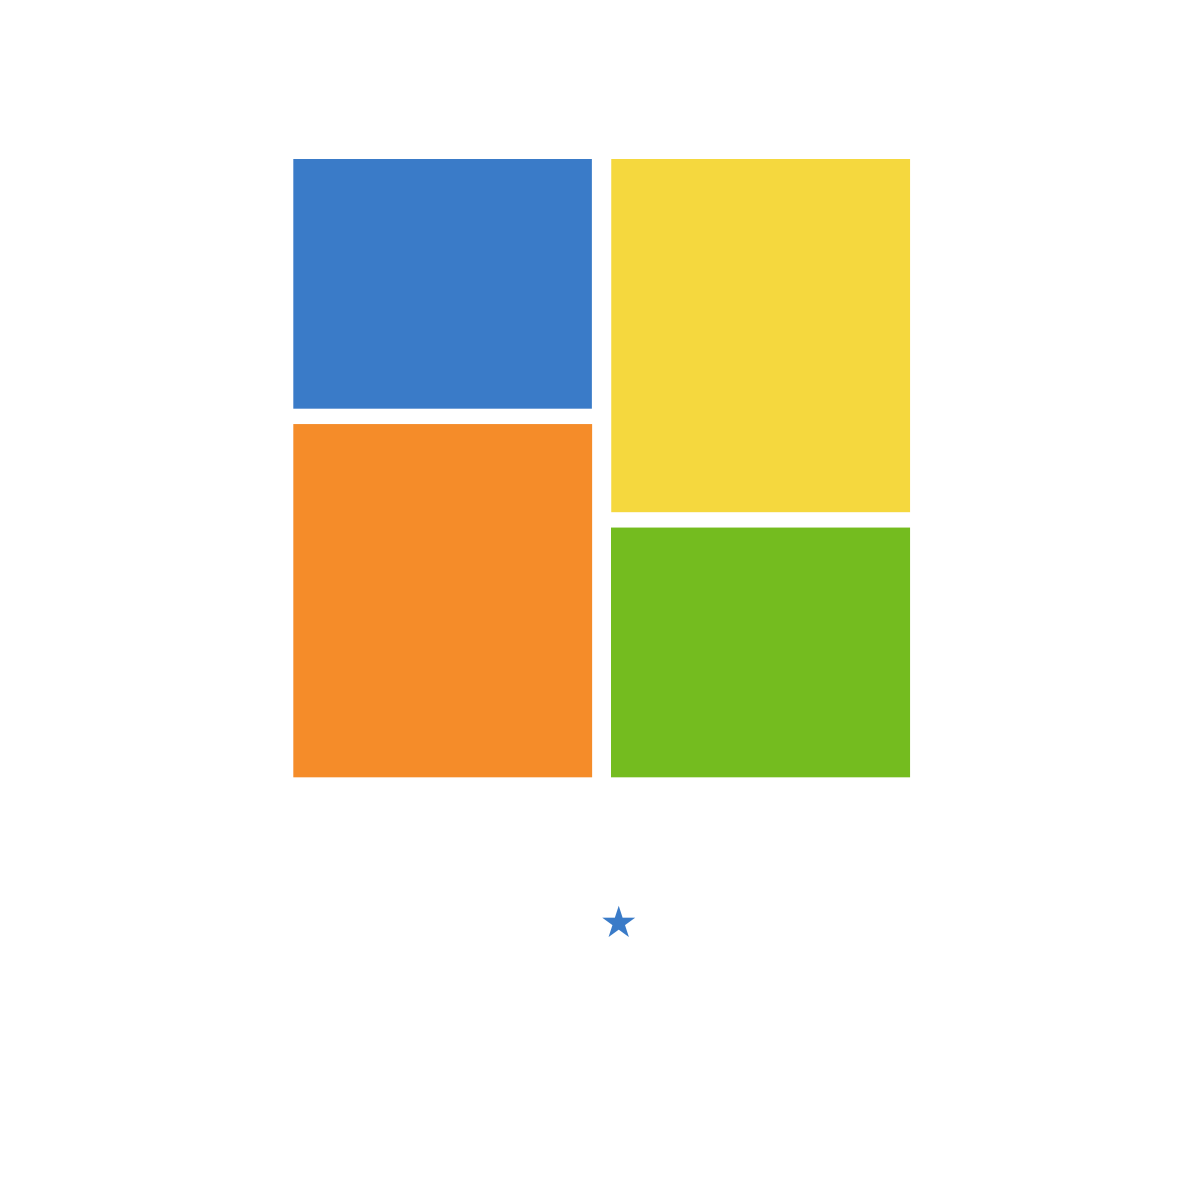 Pulliam Square